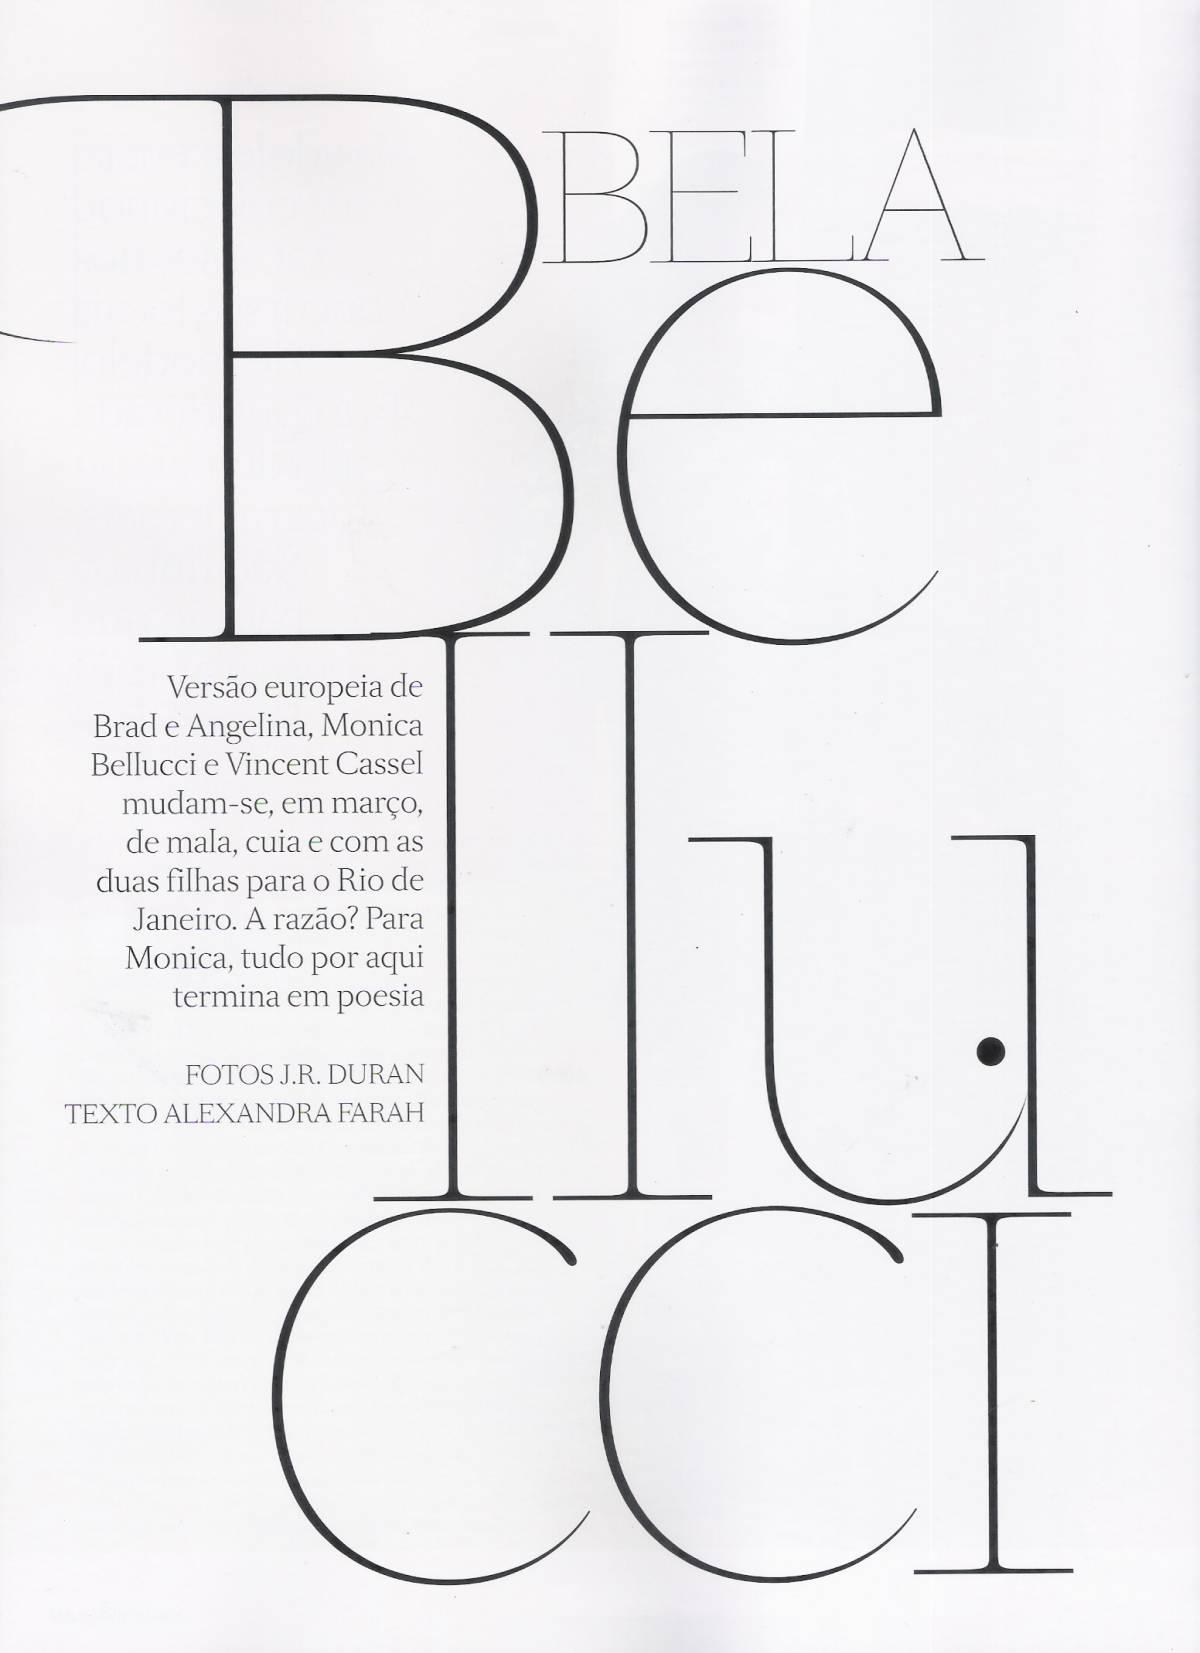 Vogue_Brasil_Janeiro2013_Monica_Bellucci_ph_JRDuran